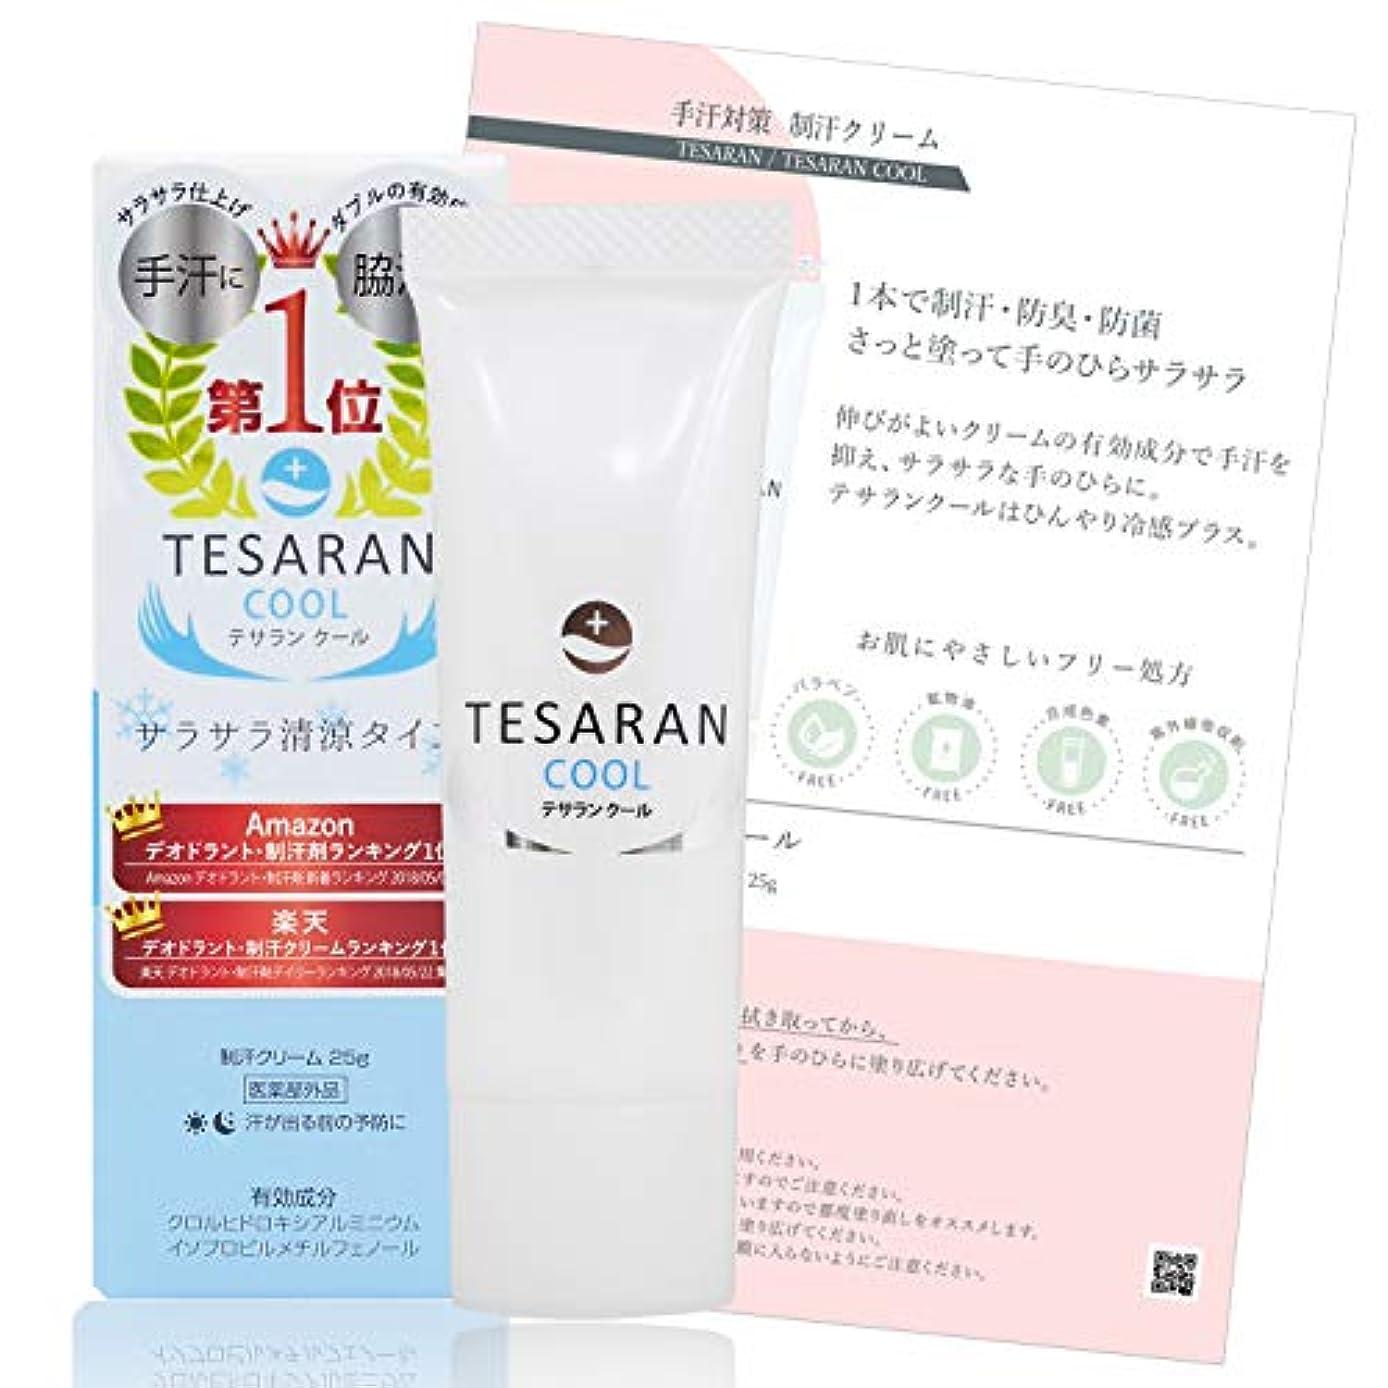 狂った値下げスパイラルテサラン(TESARAN) 手汗止め ハンドクリーム 制汗剤 医薬部外品(クールタイプ)